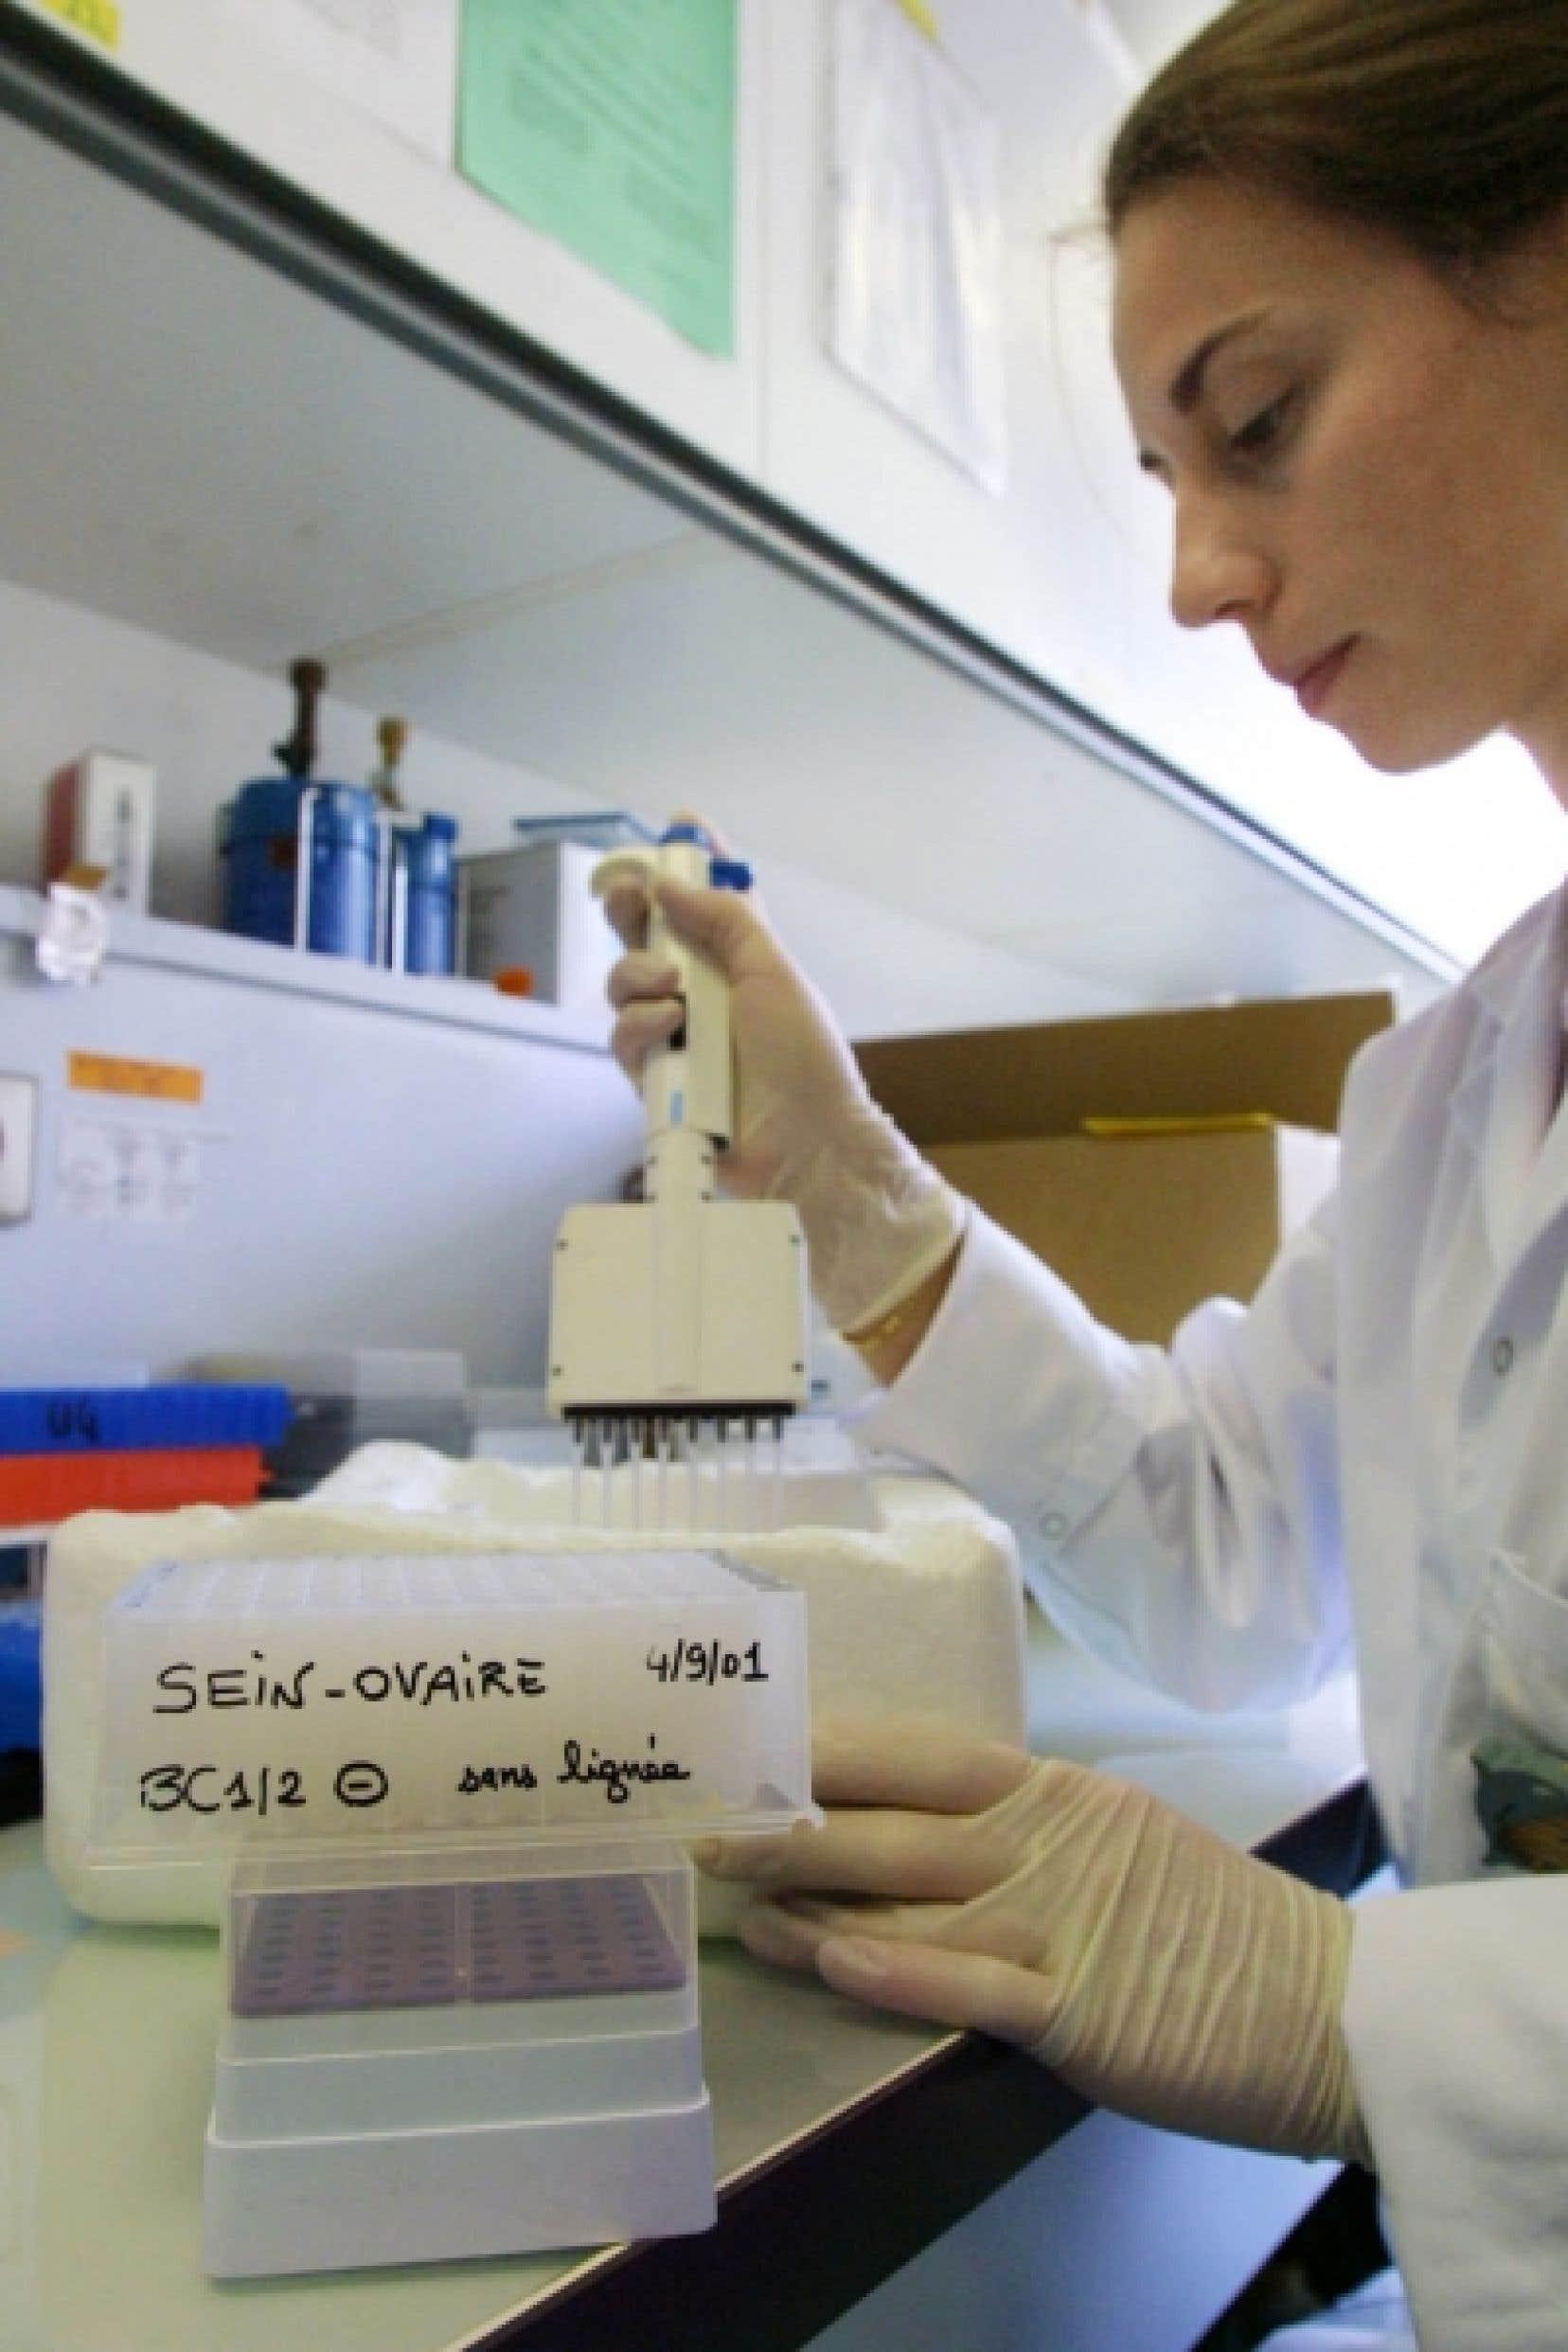 La révision des tests de pathologie n'a pas révélé un taux anormalement élevé d'erreur.